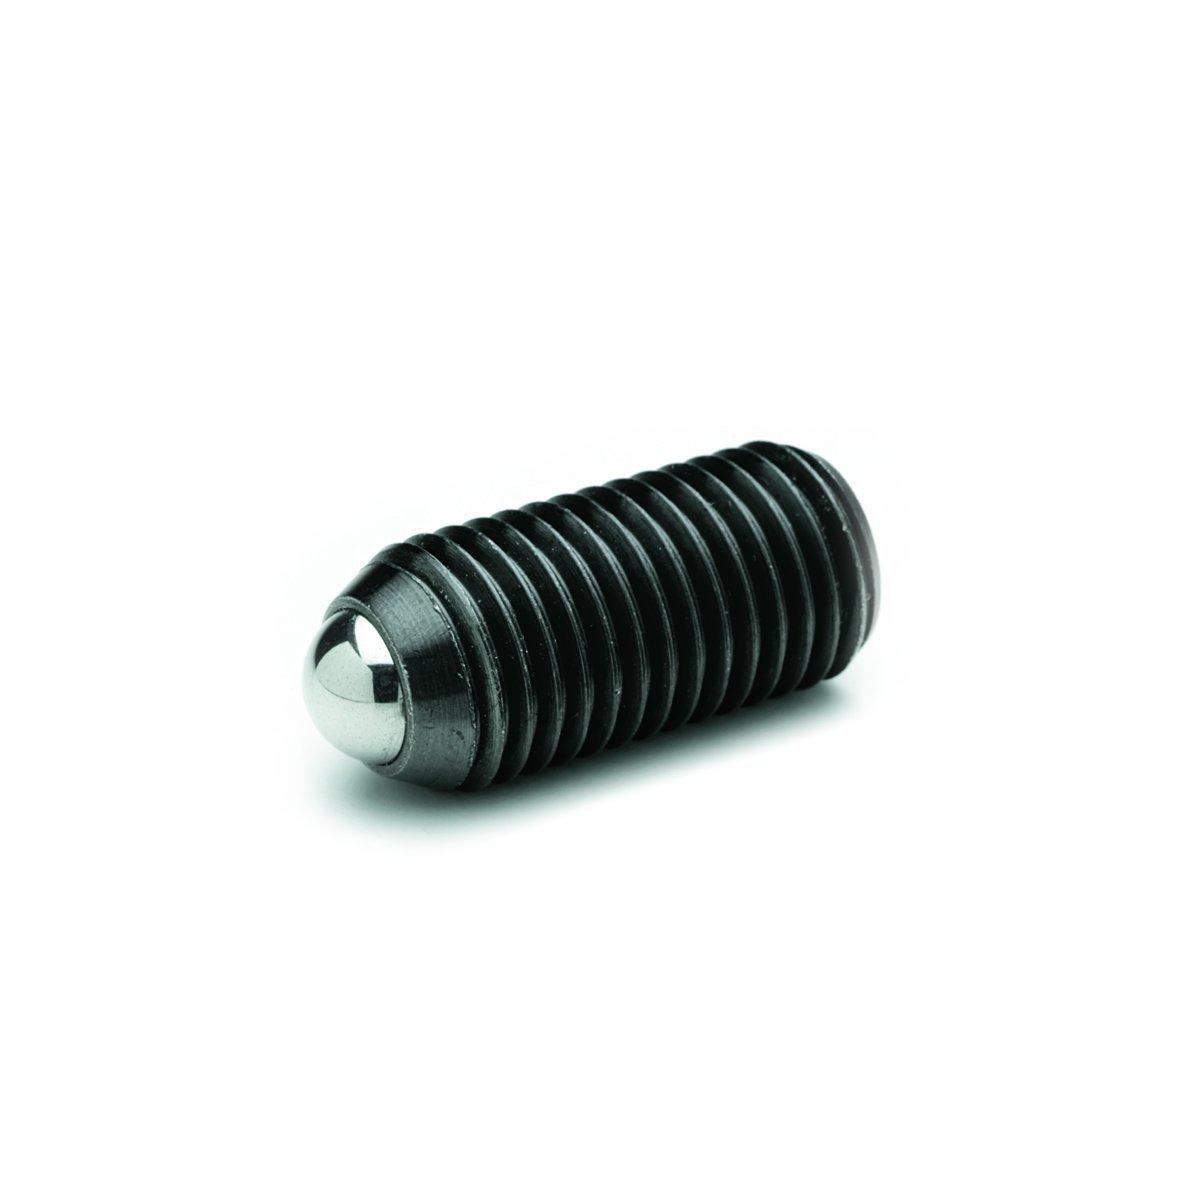 Ganter Standard Elements GN 615.3M24KS–Springy Pressure Piece Set Screws with Hex Socket, Black